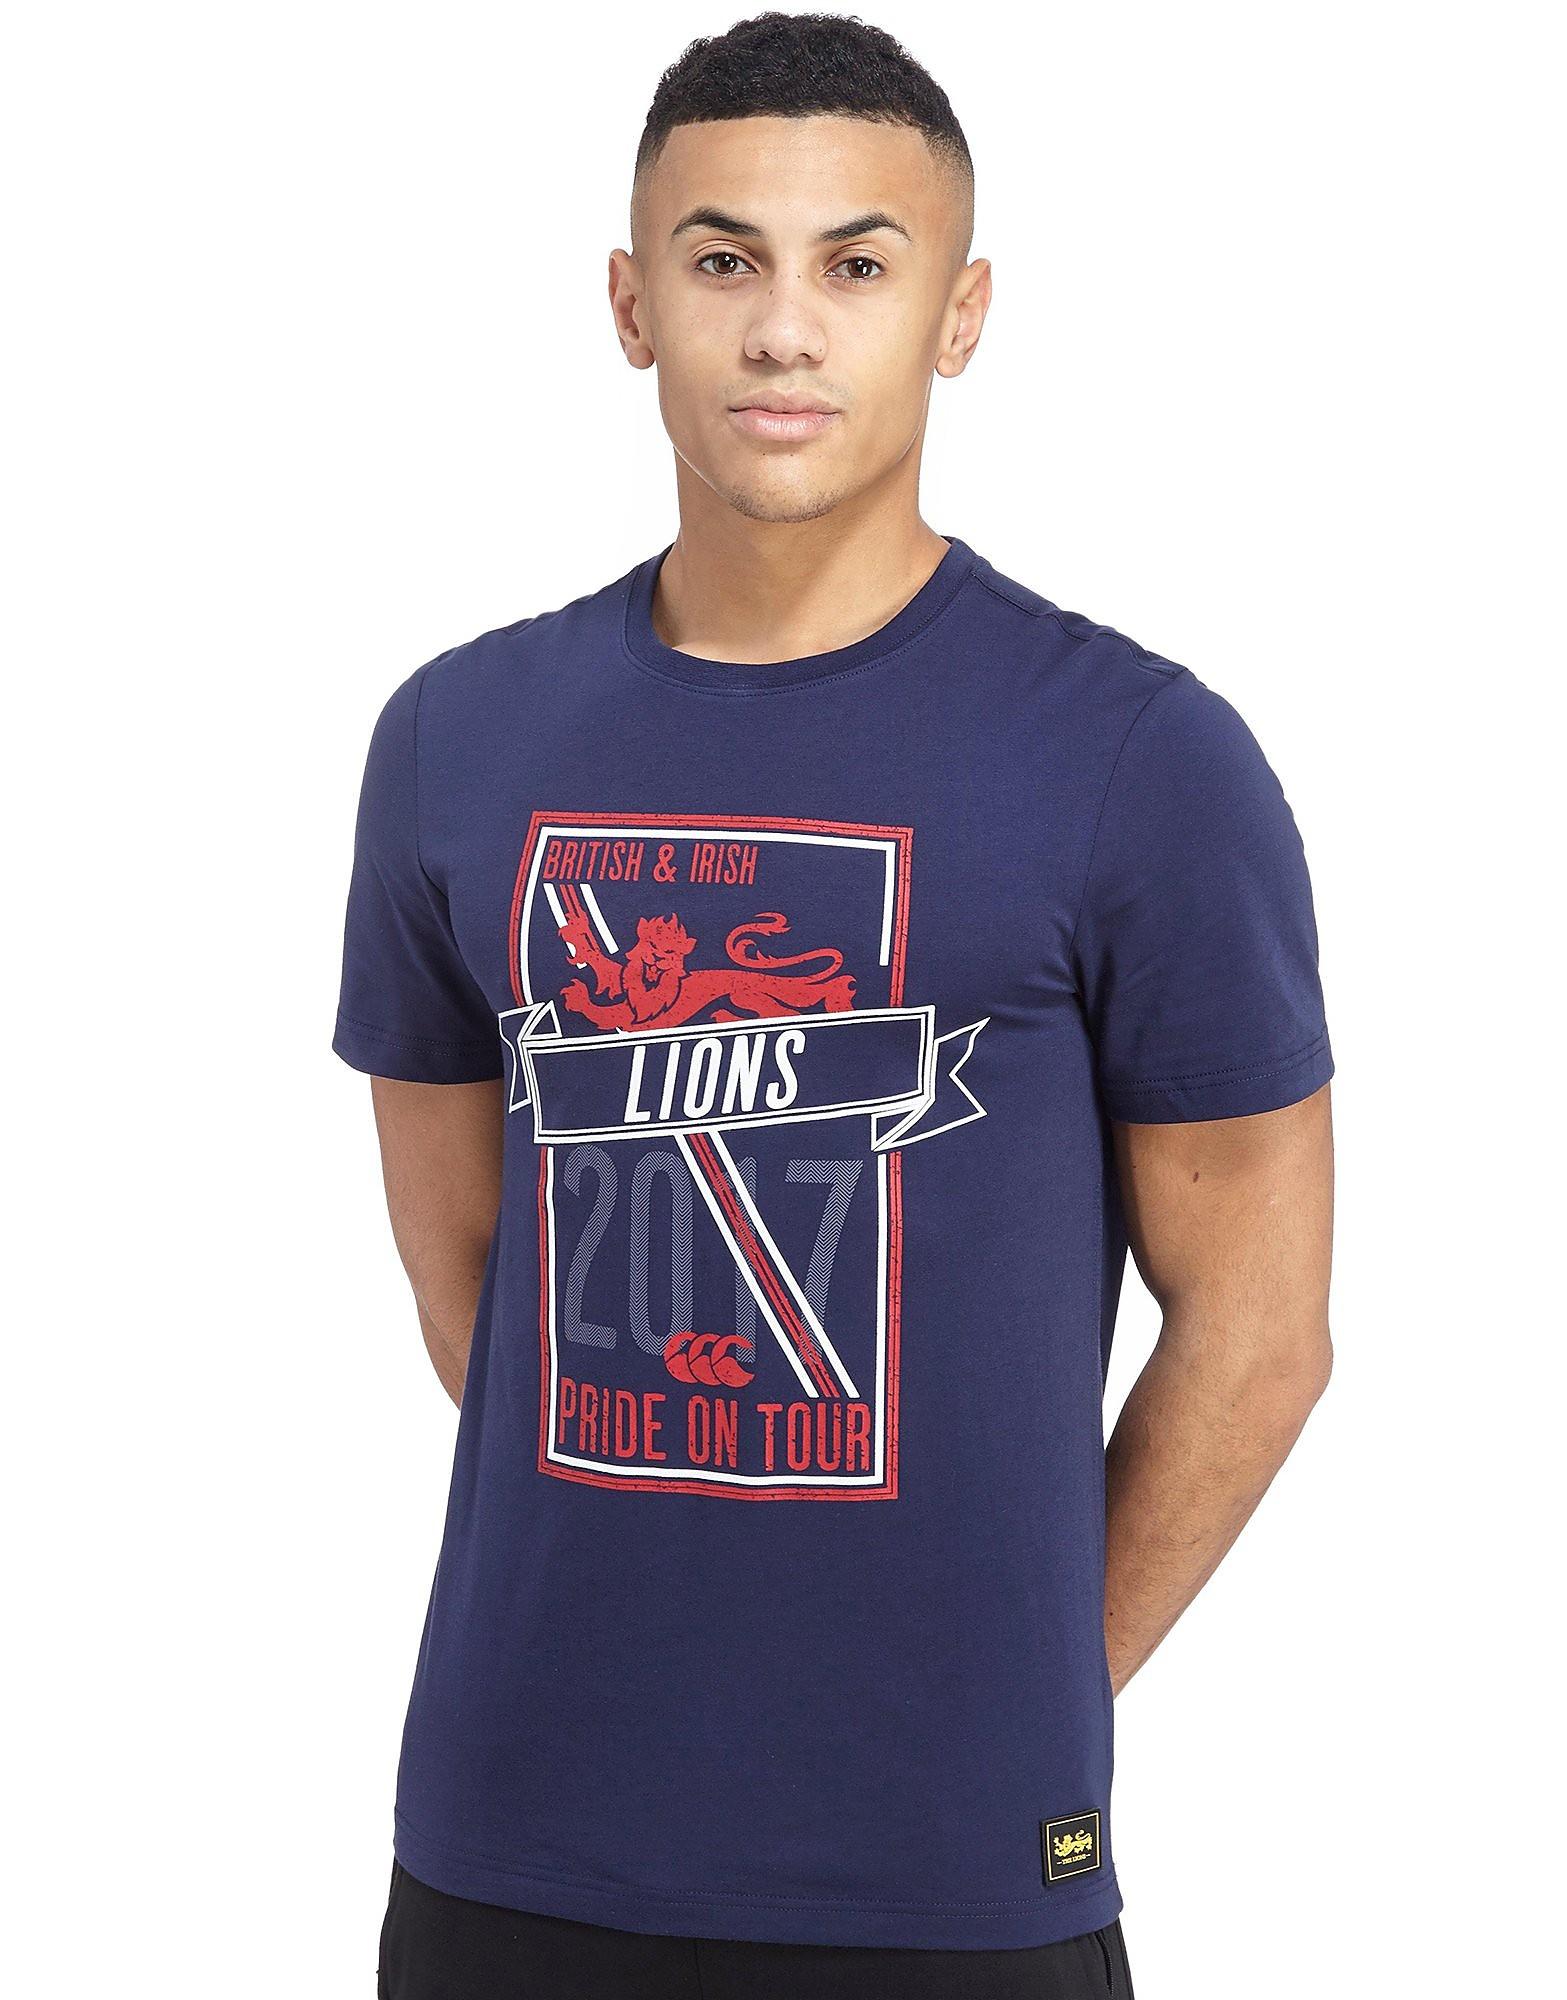 Canterbury British and Irish Lions 2017 T-Shirt